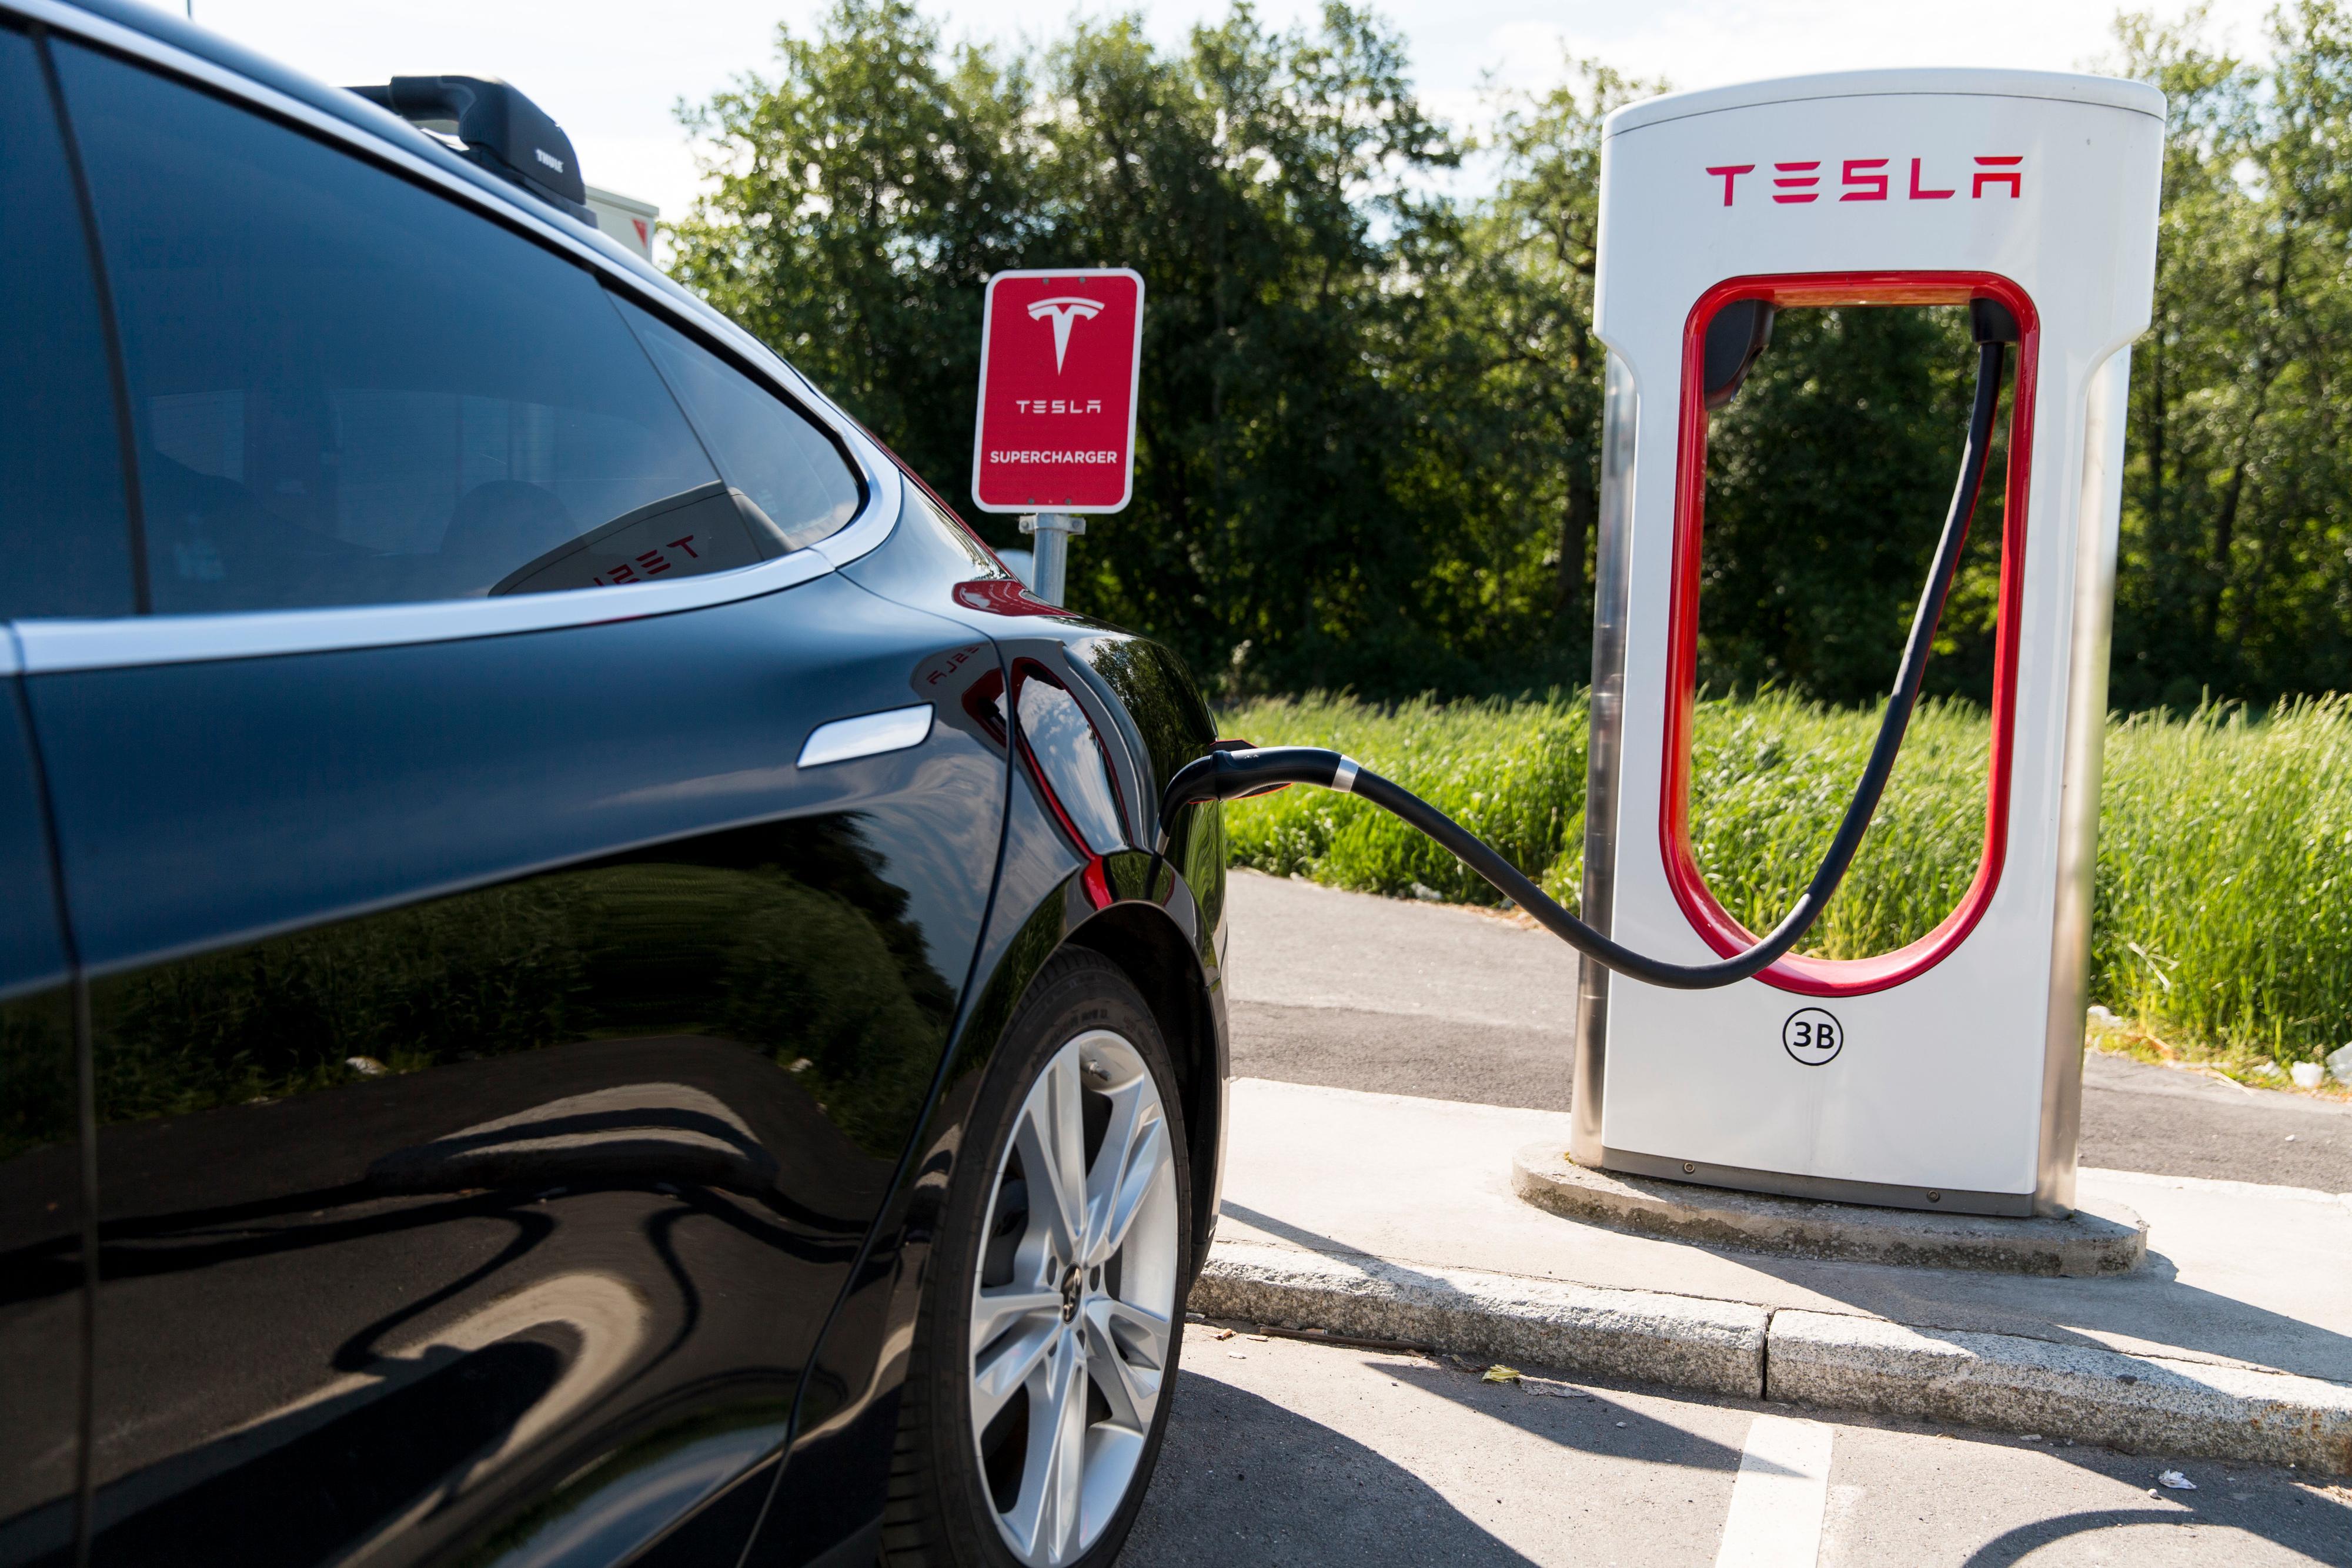 Gratis strøm ved Teslas superladere har vært en fordel tilgodesett Model S og Model X. Nå kan også Performance-utgaven av Model 3 få den samme tilgangen.